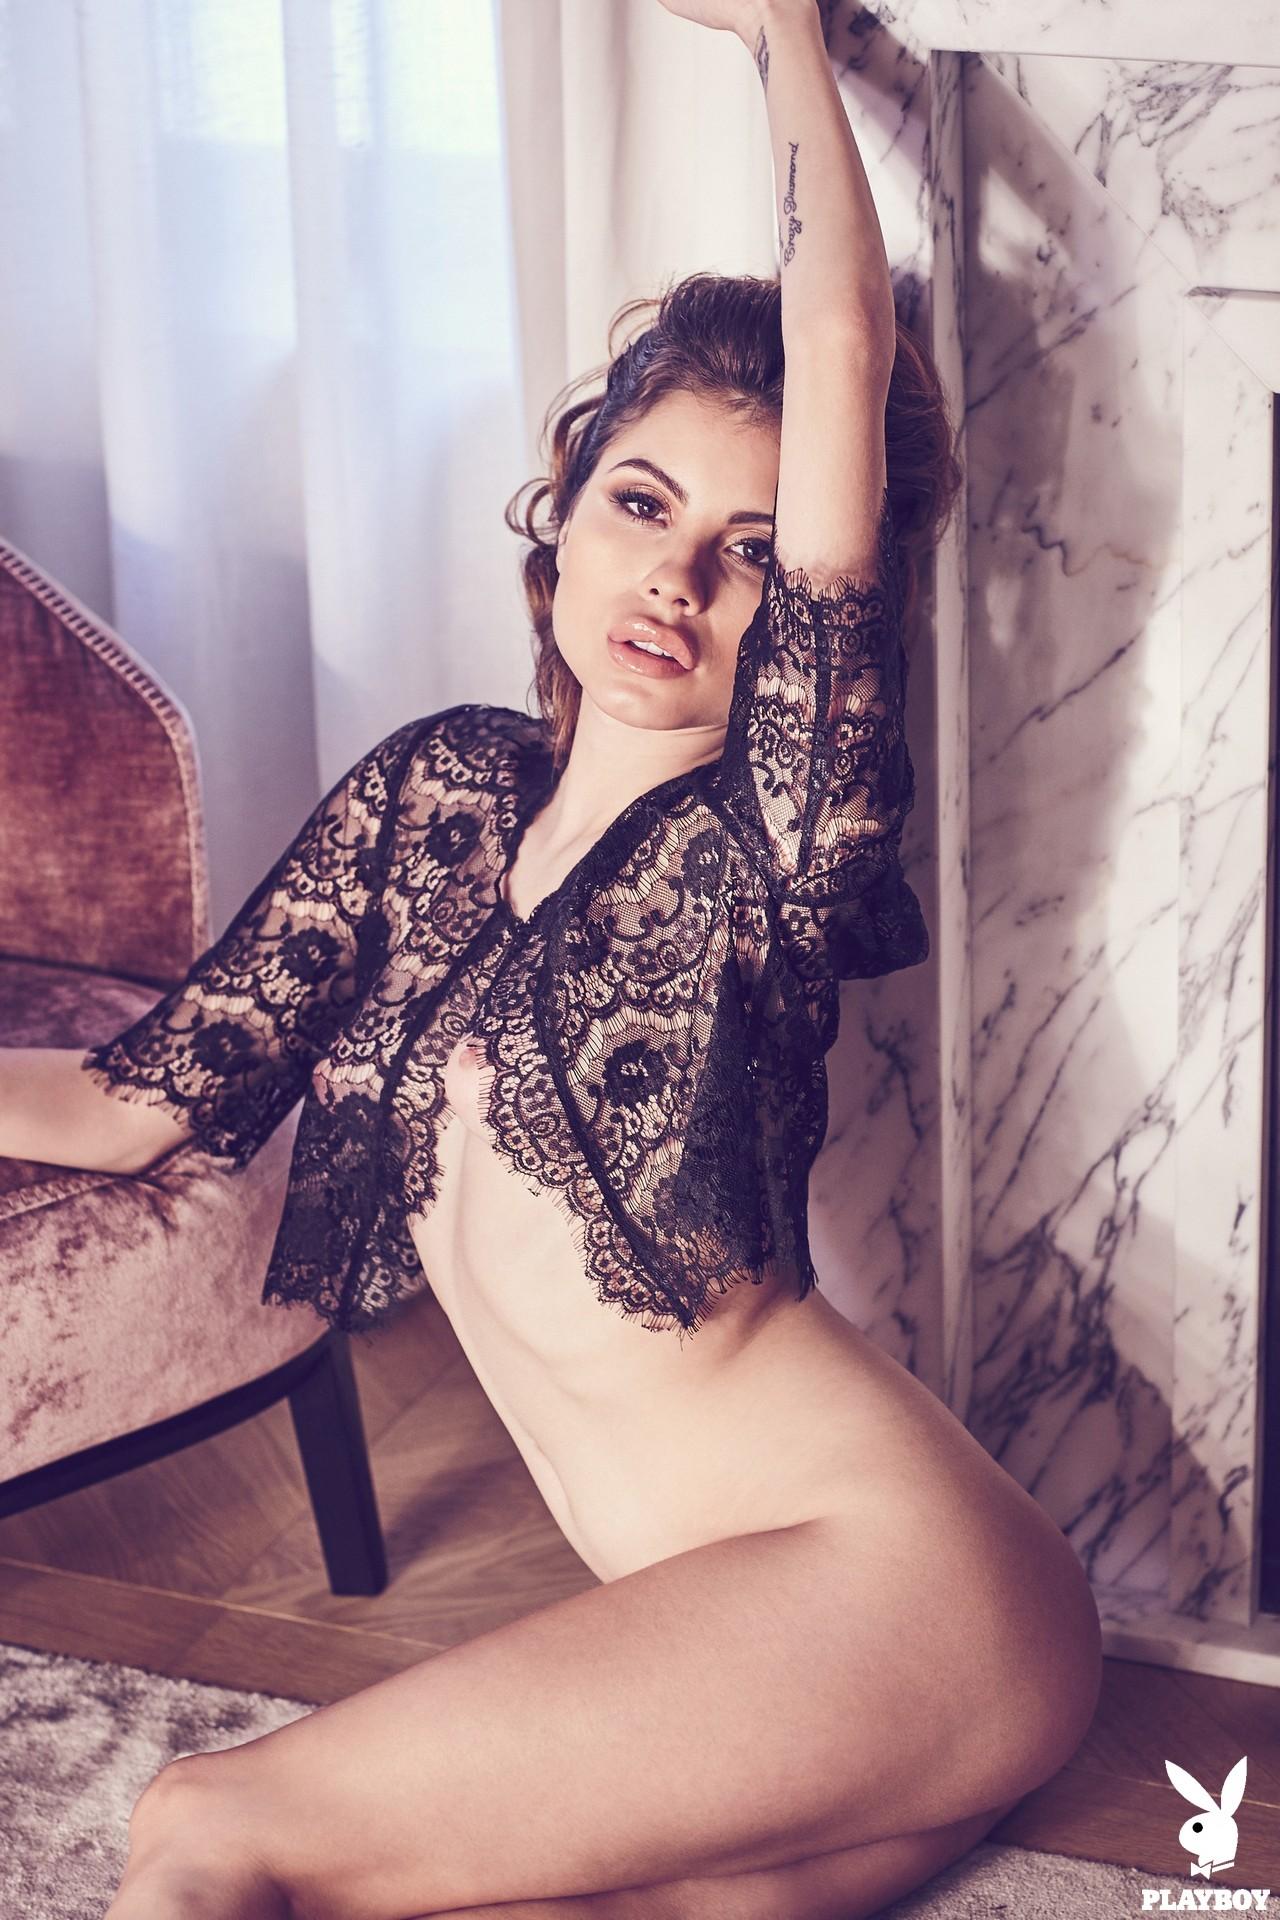 Chiara Arrighi in Playboy Germany Vol. 3 - Playboy Plus 8